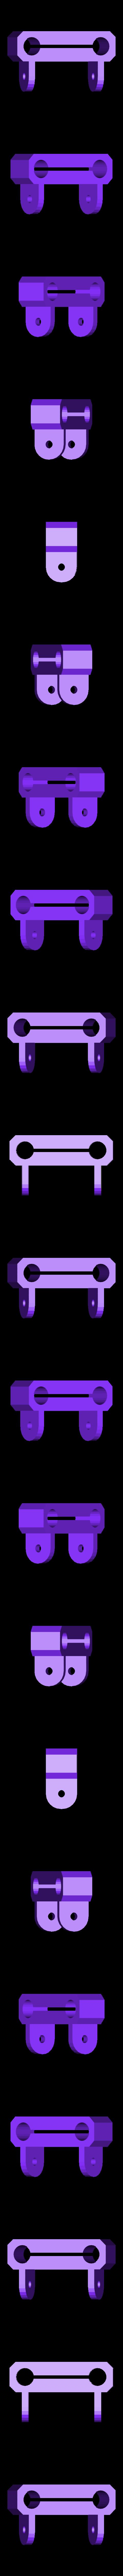 Stab_Support_Bras.stl Download STL file Shoulder pad for DSLR type GH4, 5D • 3D print design, Smile